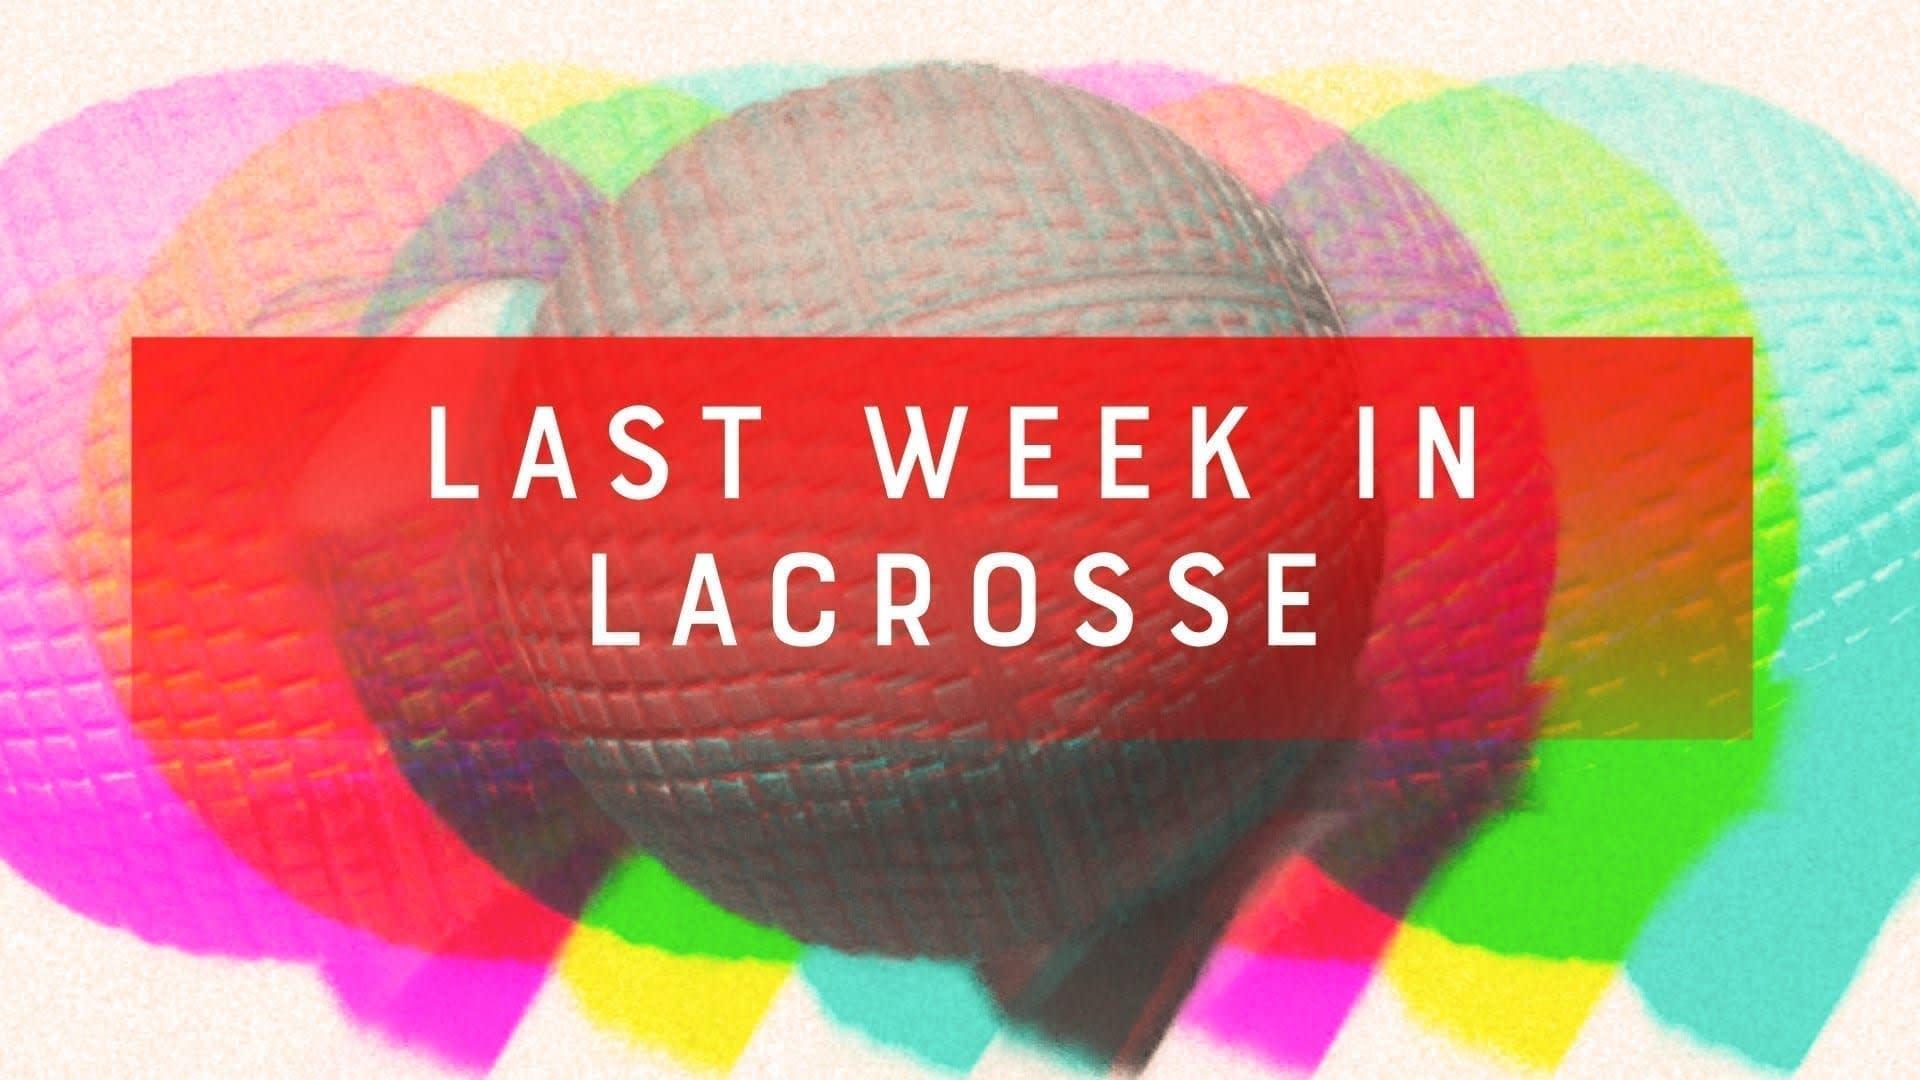 Last Week in Lacrosse - Oct. 12-Oct. 18